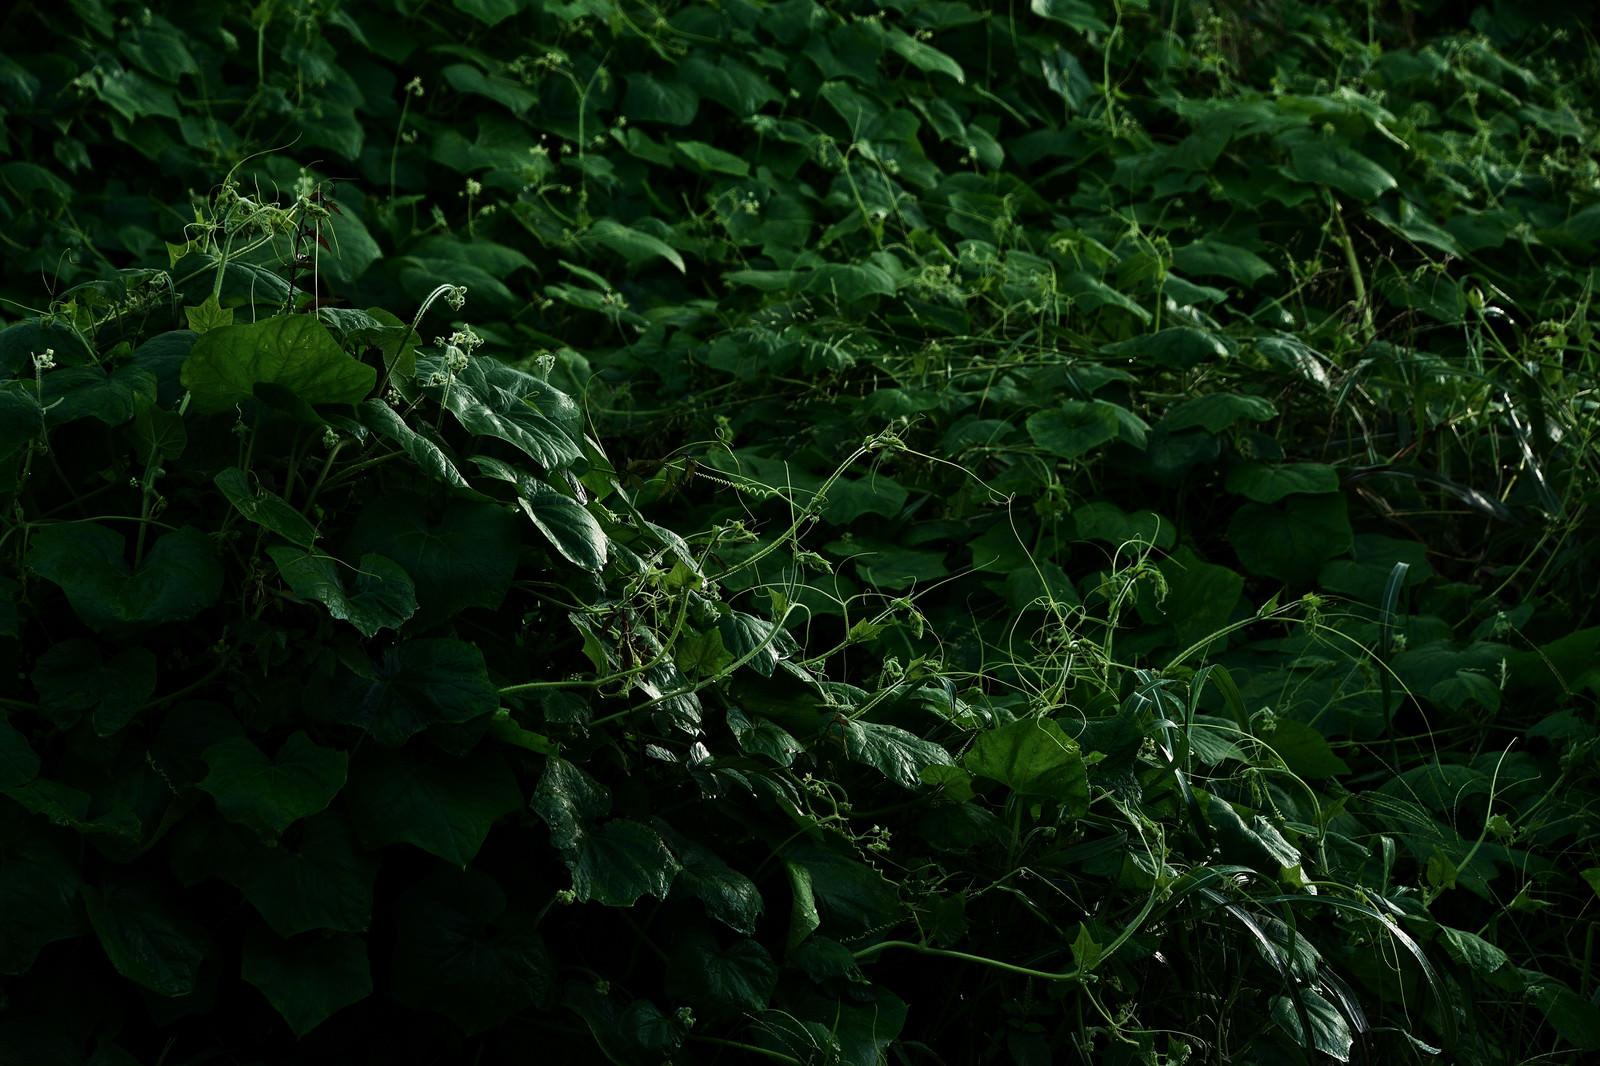 「鬱蒼と生い茂ったつる植物」の写真